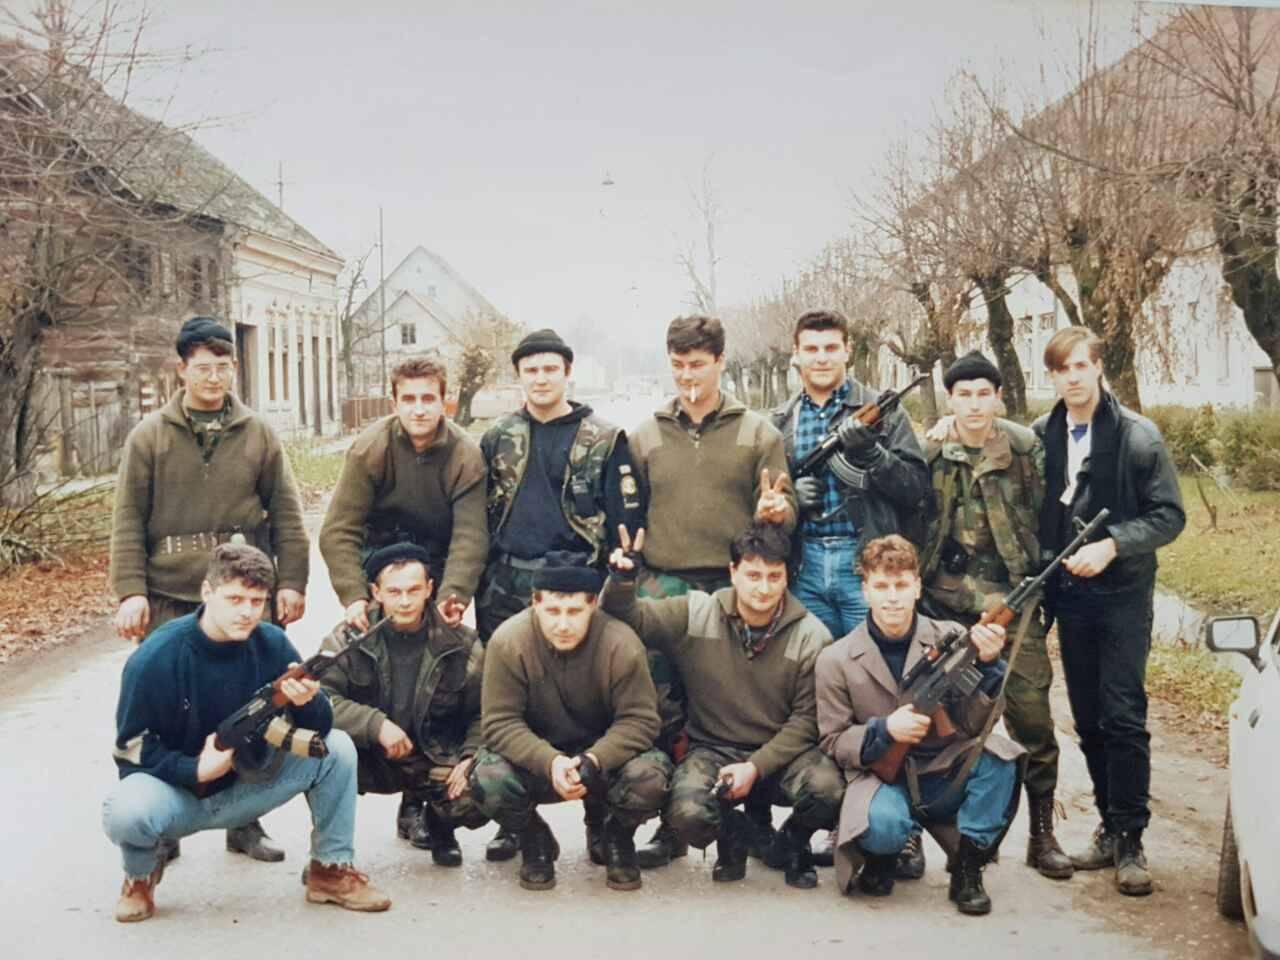 Blagdani pod granatama: Kako su branitelji slavili Božić '91.?